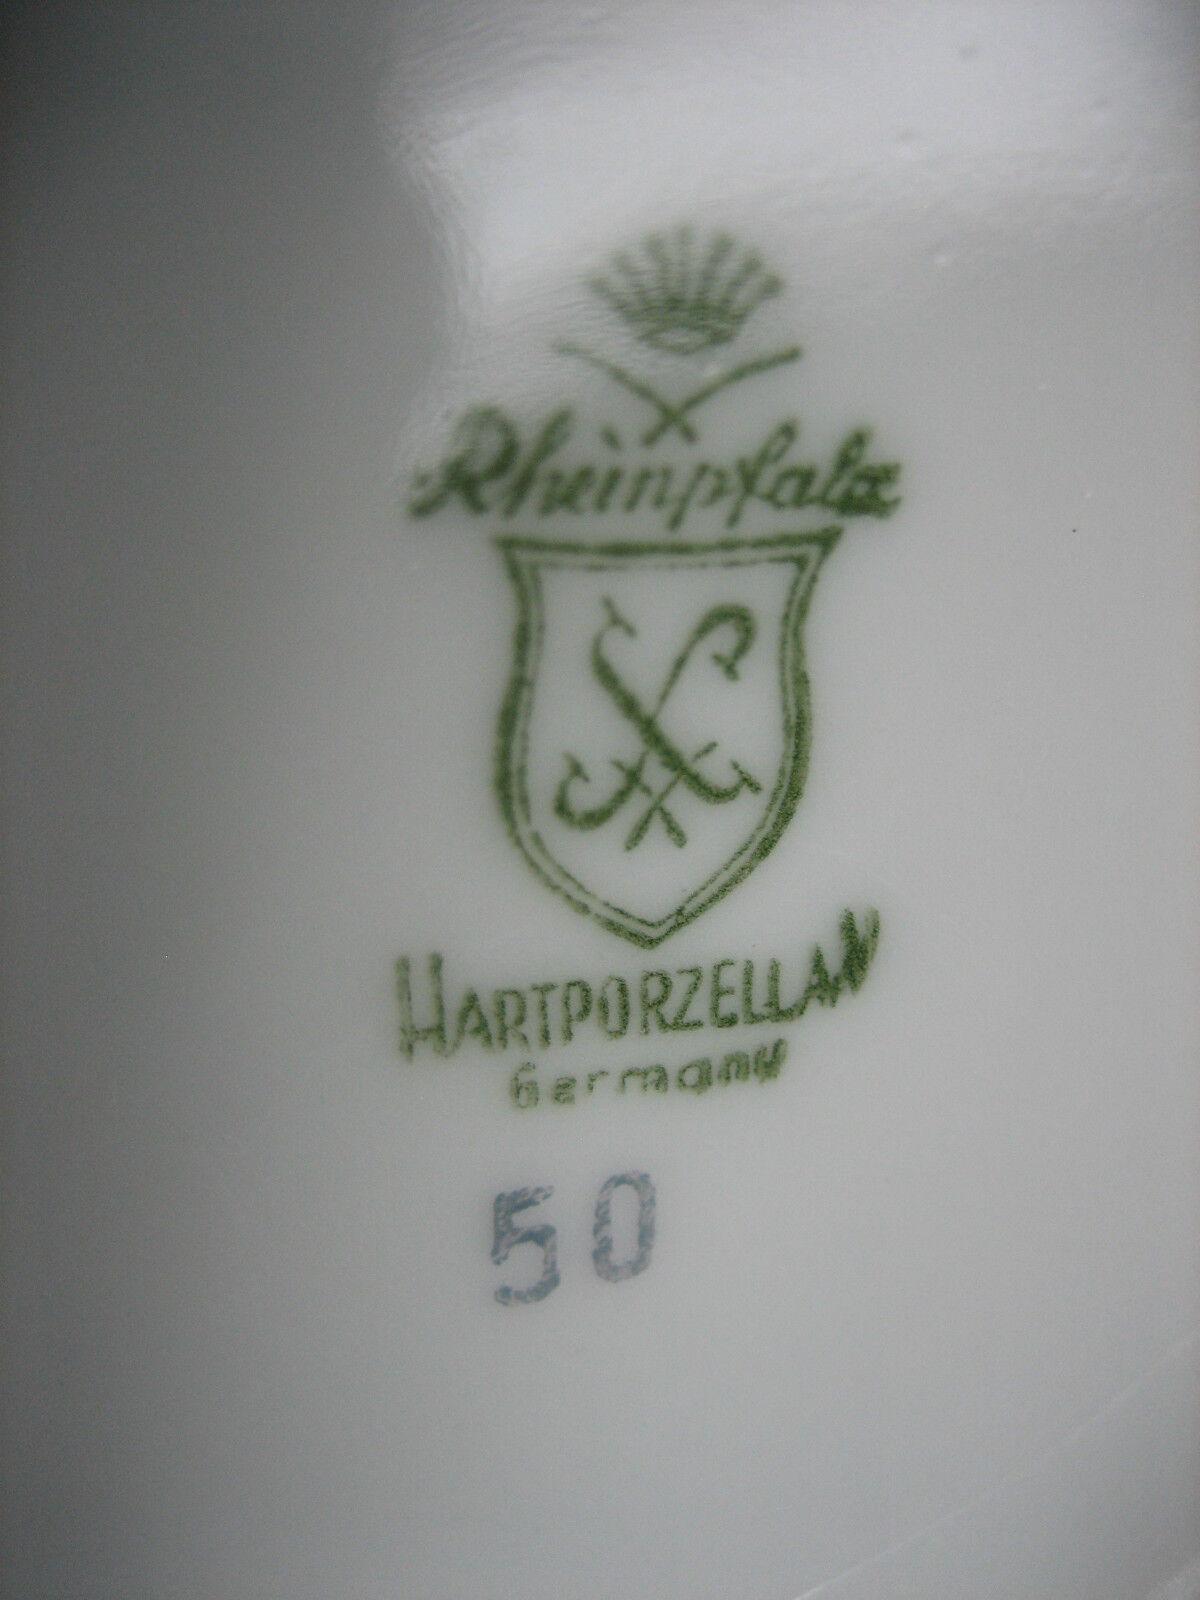 Moccaservice Mokkaservice Gold Porzellan Porzellan Porzellan Rheinpfalz 7d70aa